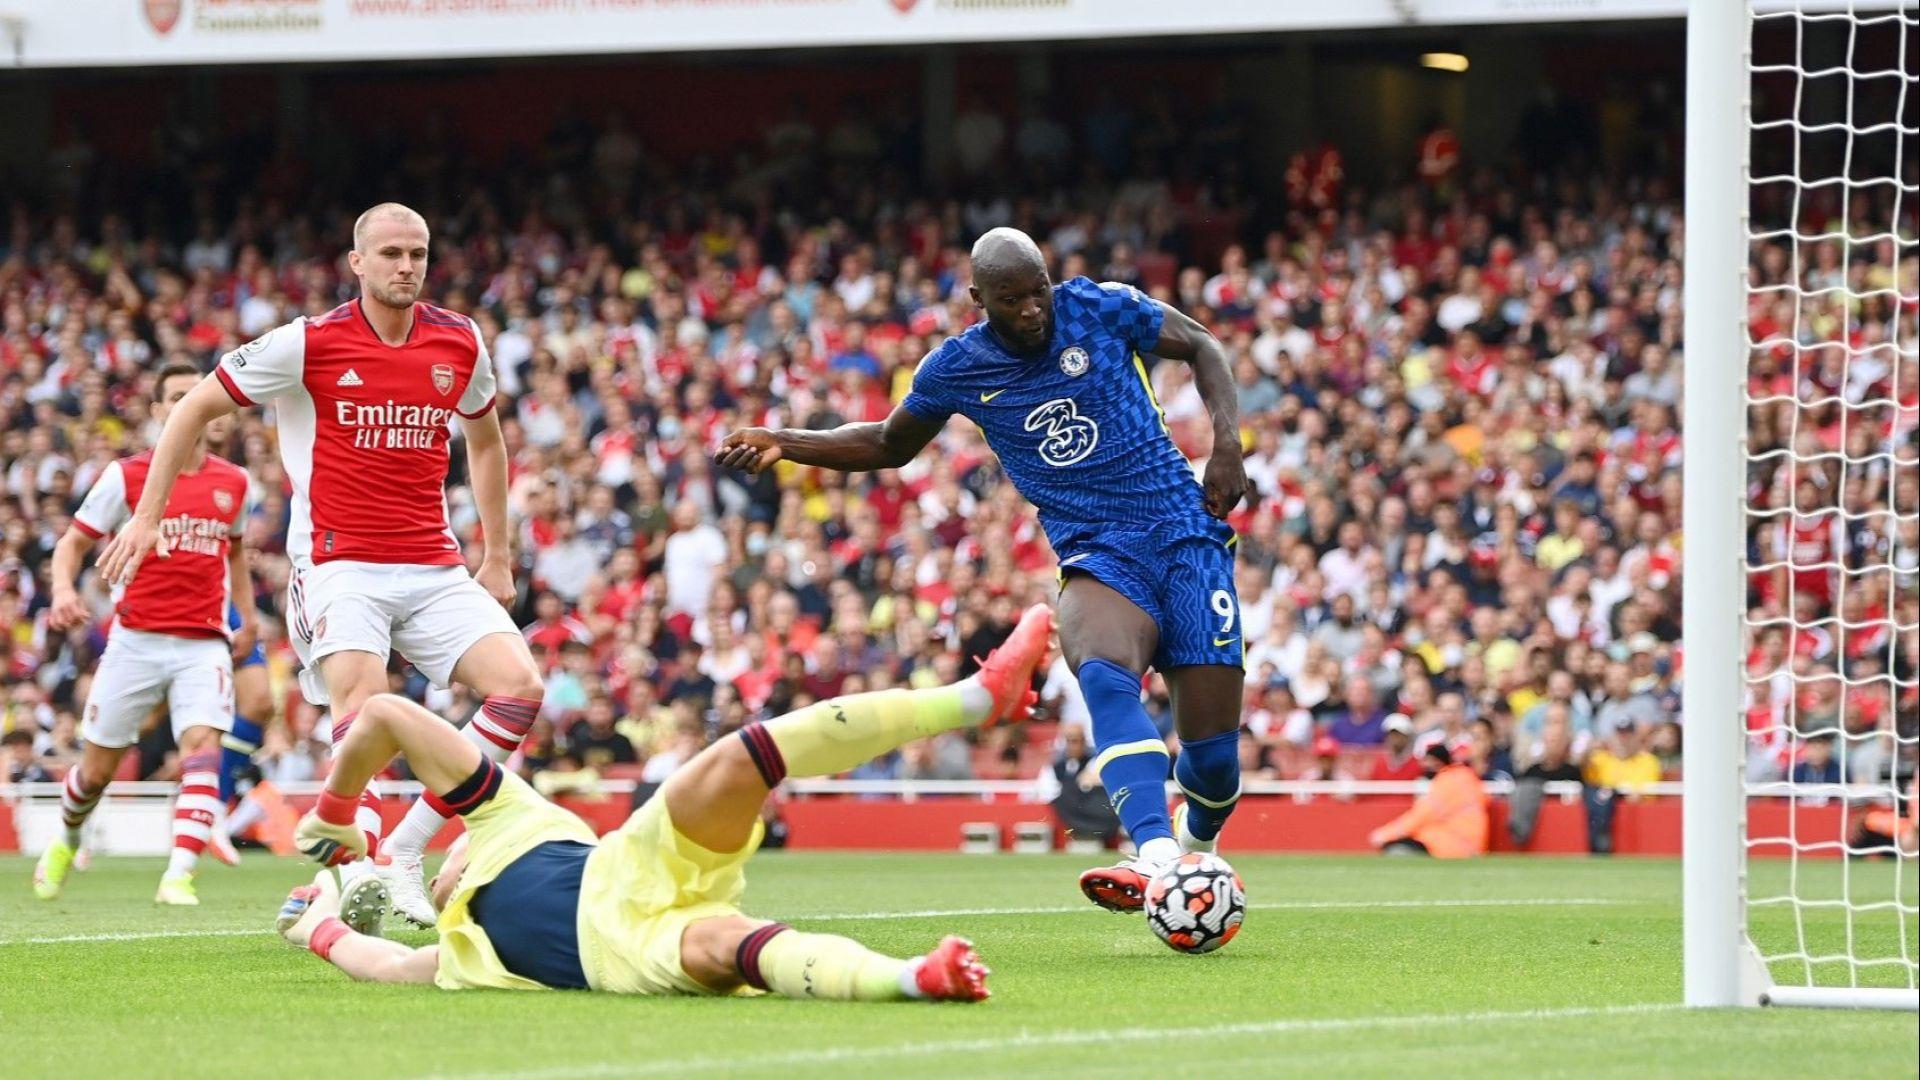 Челси не даде никакъв шанс на Арсенал, а 300-милионният Лукаку се завърна с гол